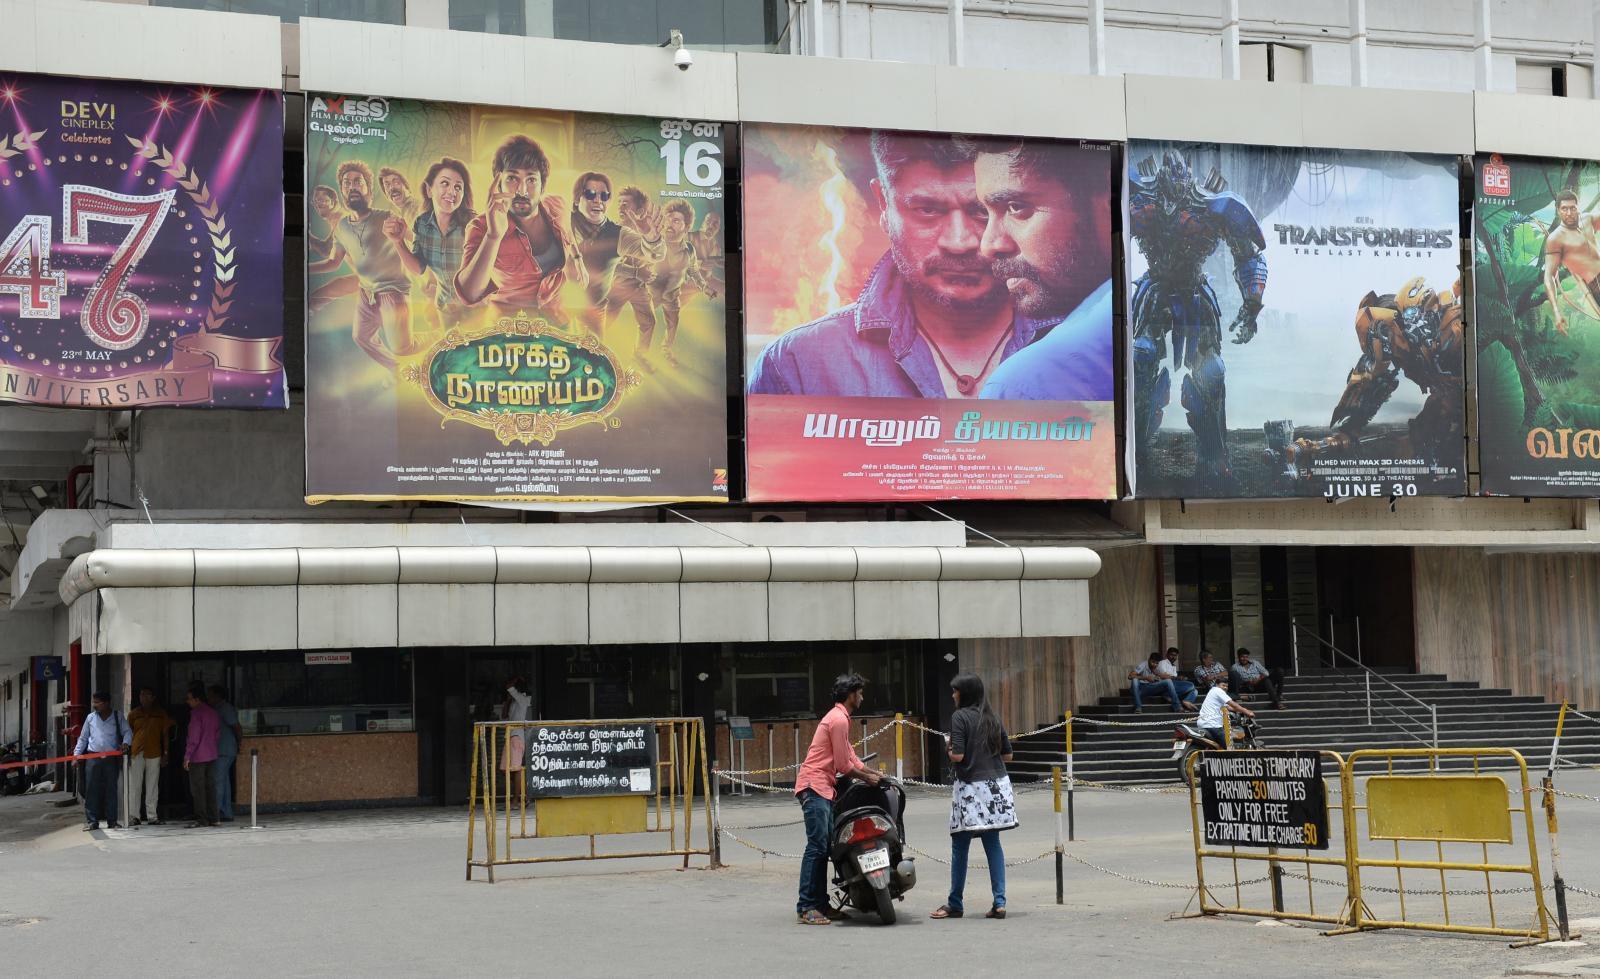 โรงหนังอินเดียประท้วงโดนเก็บภาษีซ้ำซ้อน